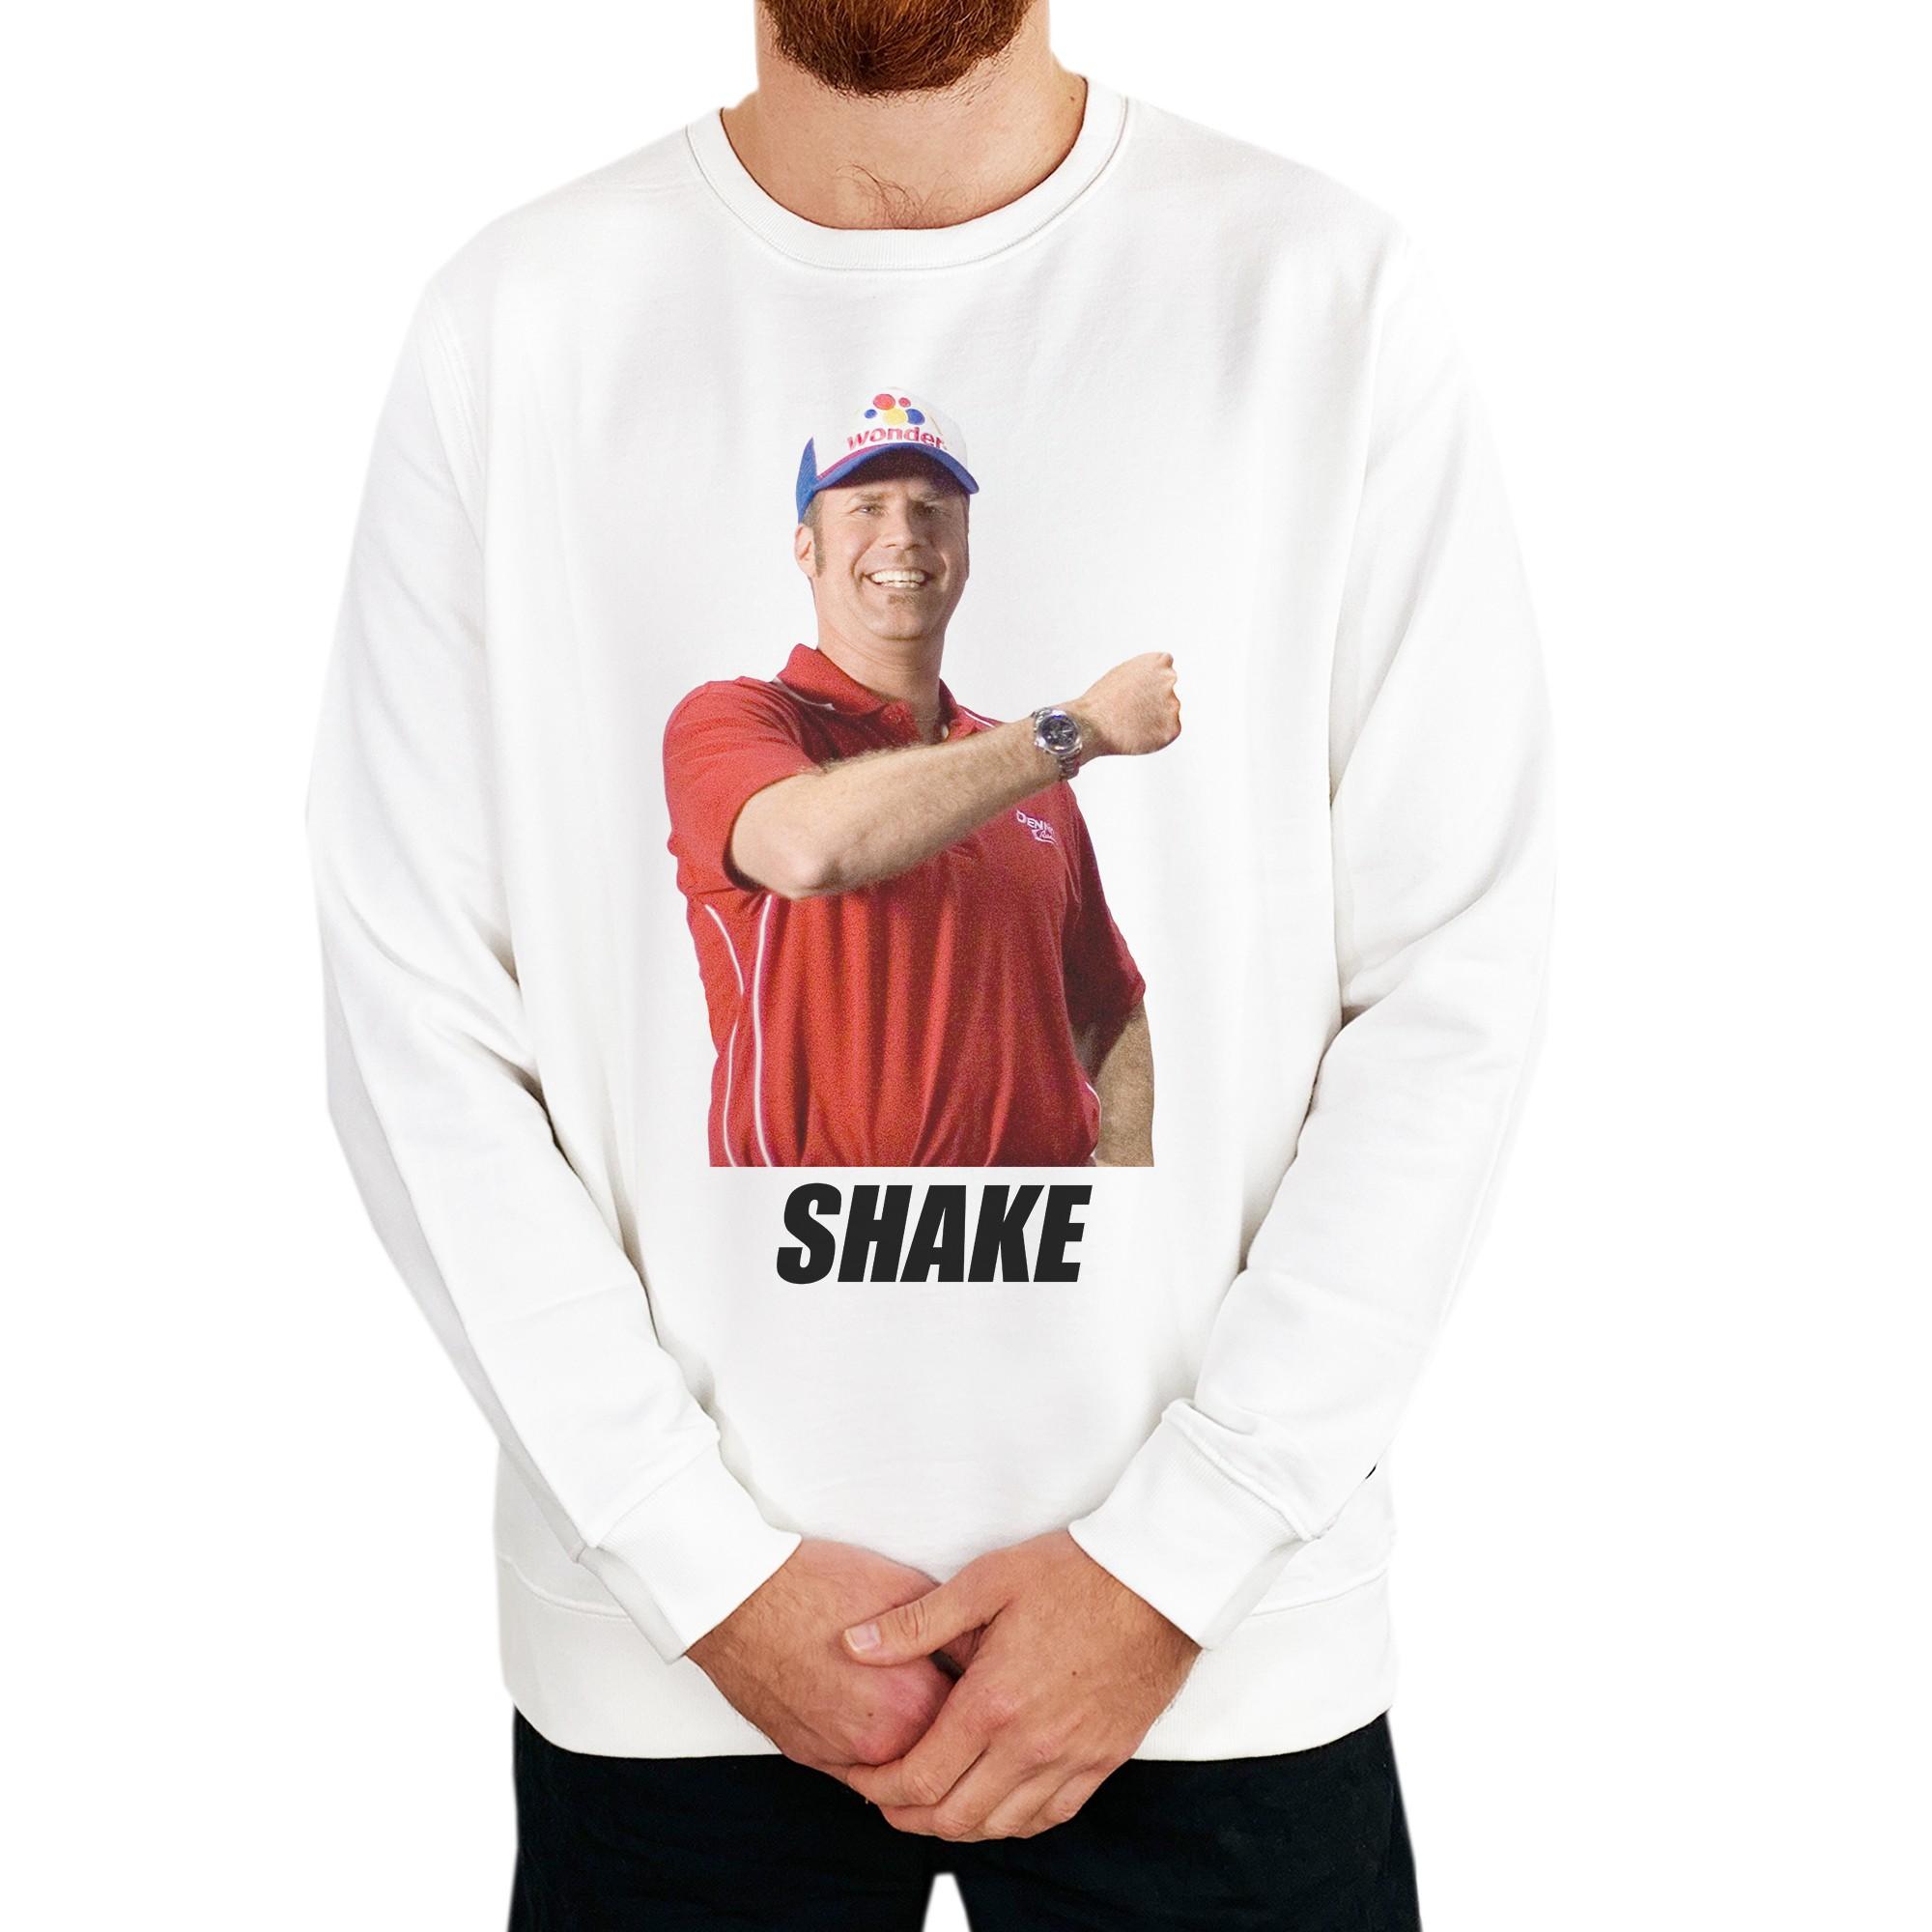 SHAKE WHITE CREW